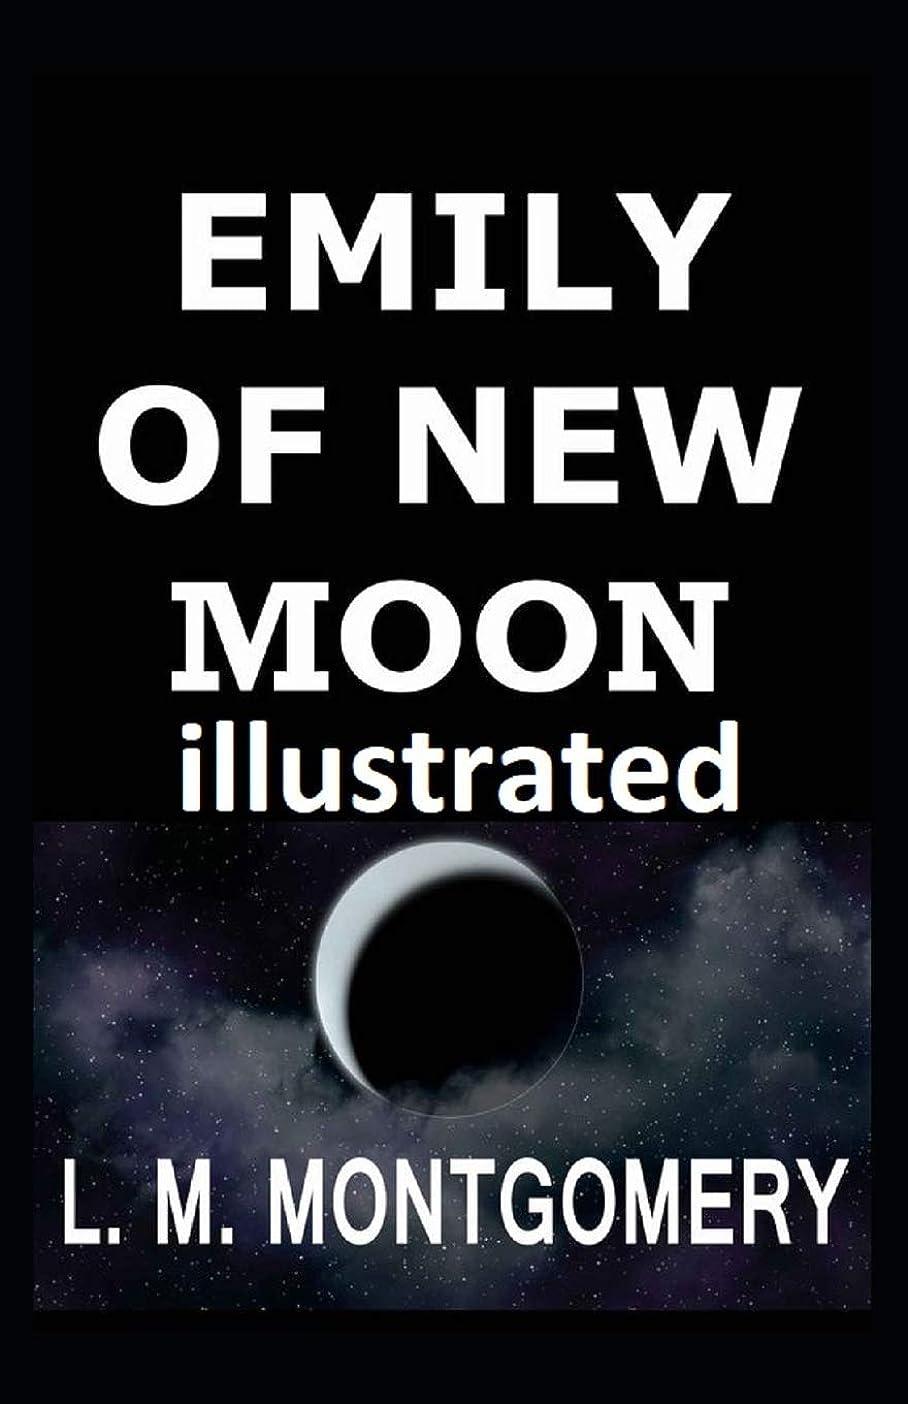 表面お金ゴム表向きEmily of New Moon illustrated